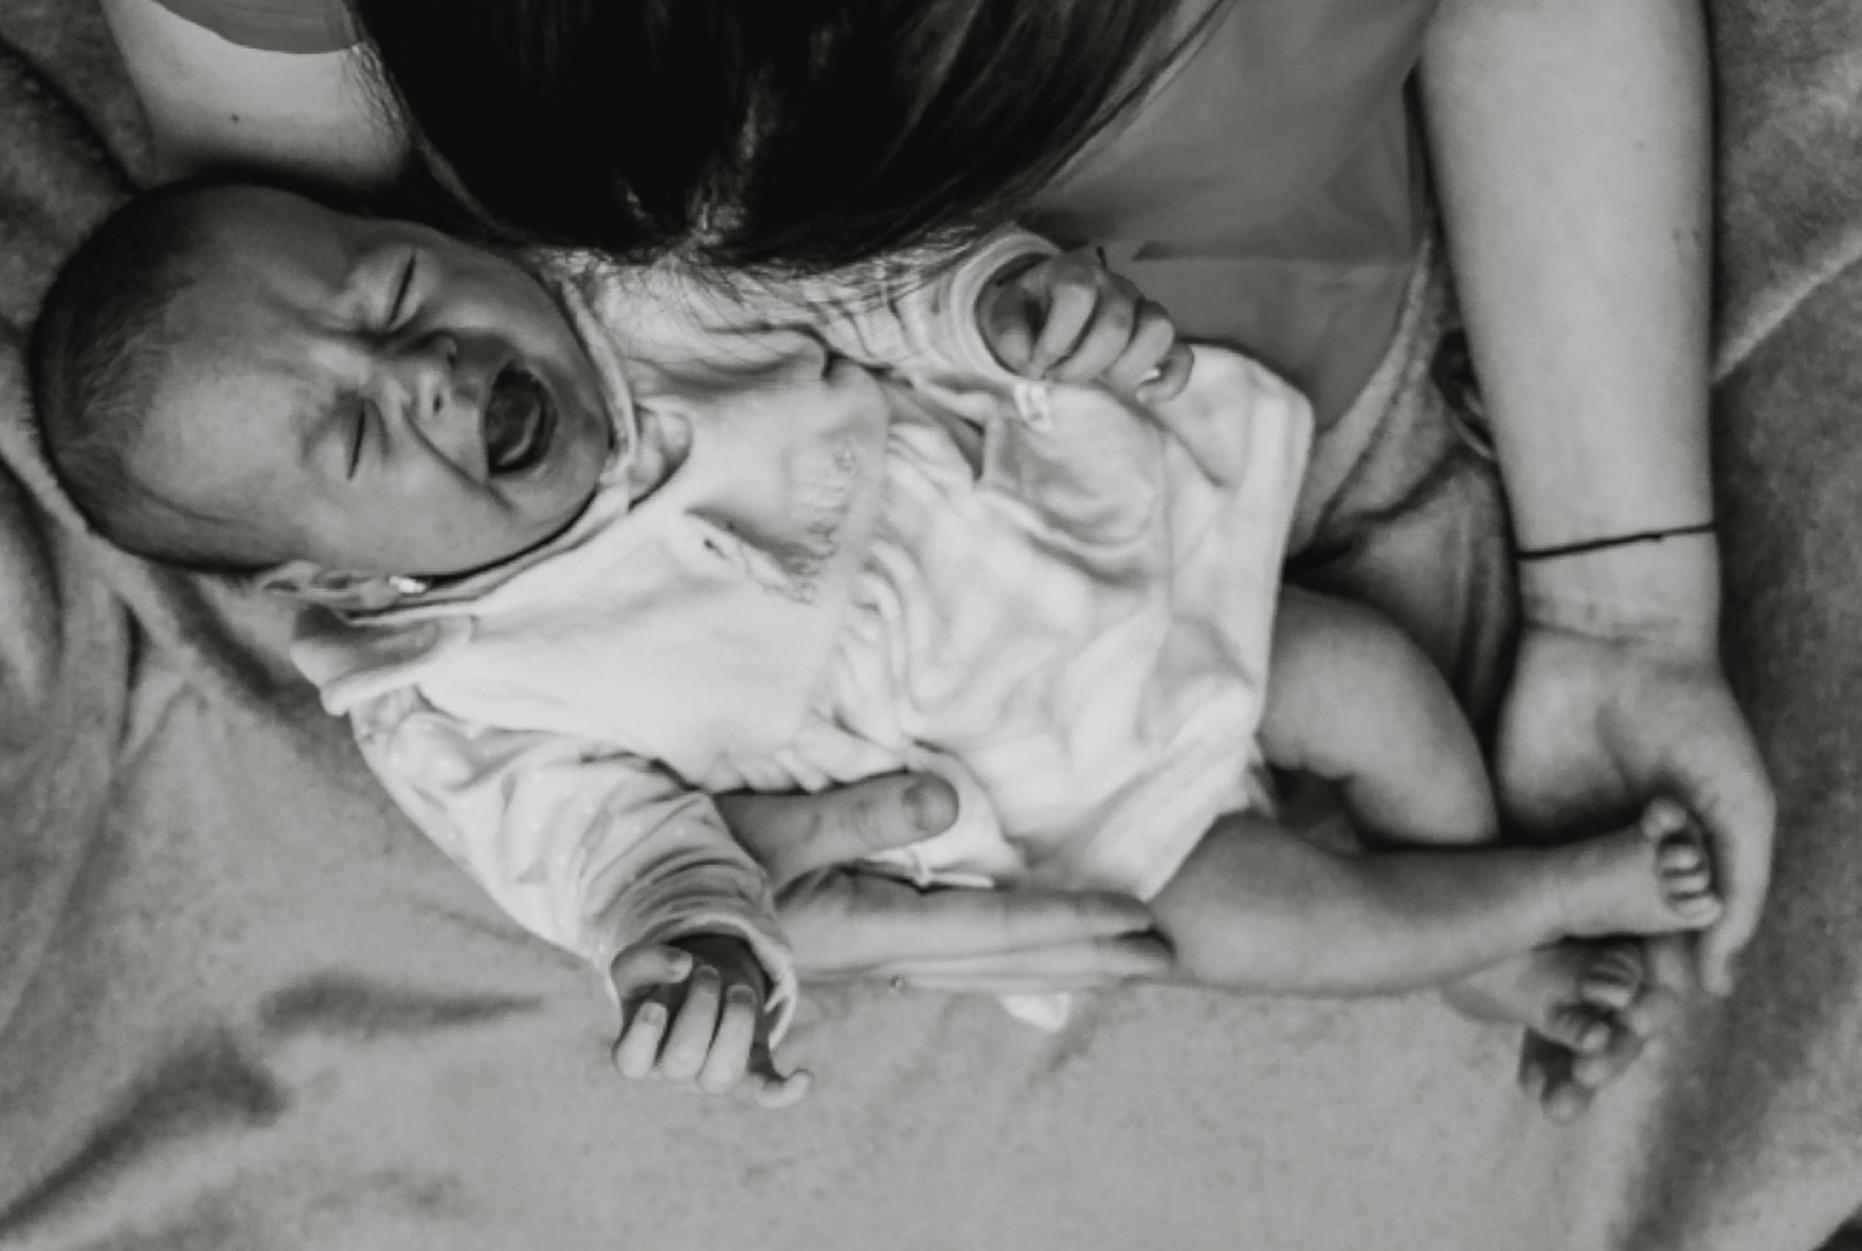 Il pianto del neonato con le coliche